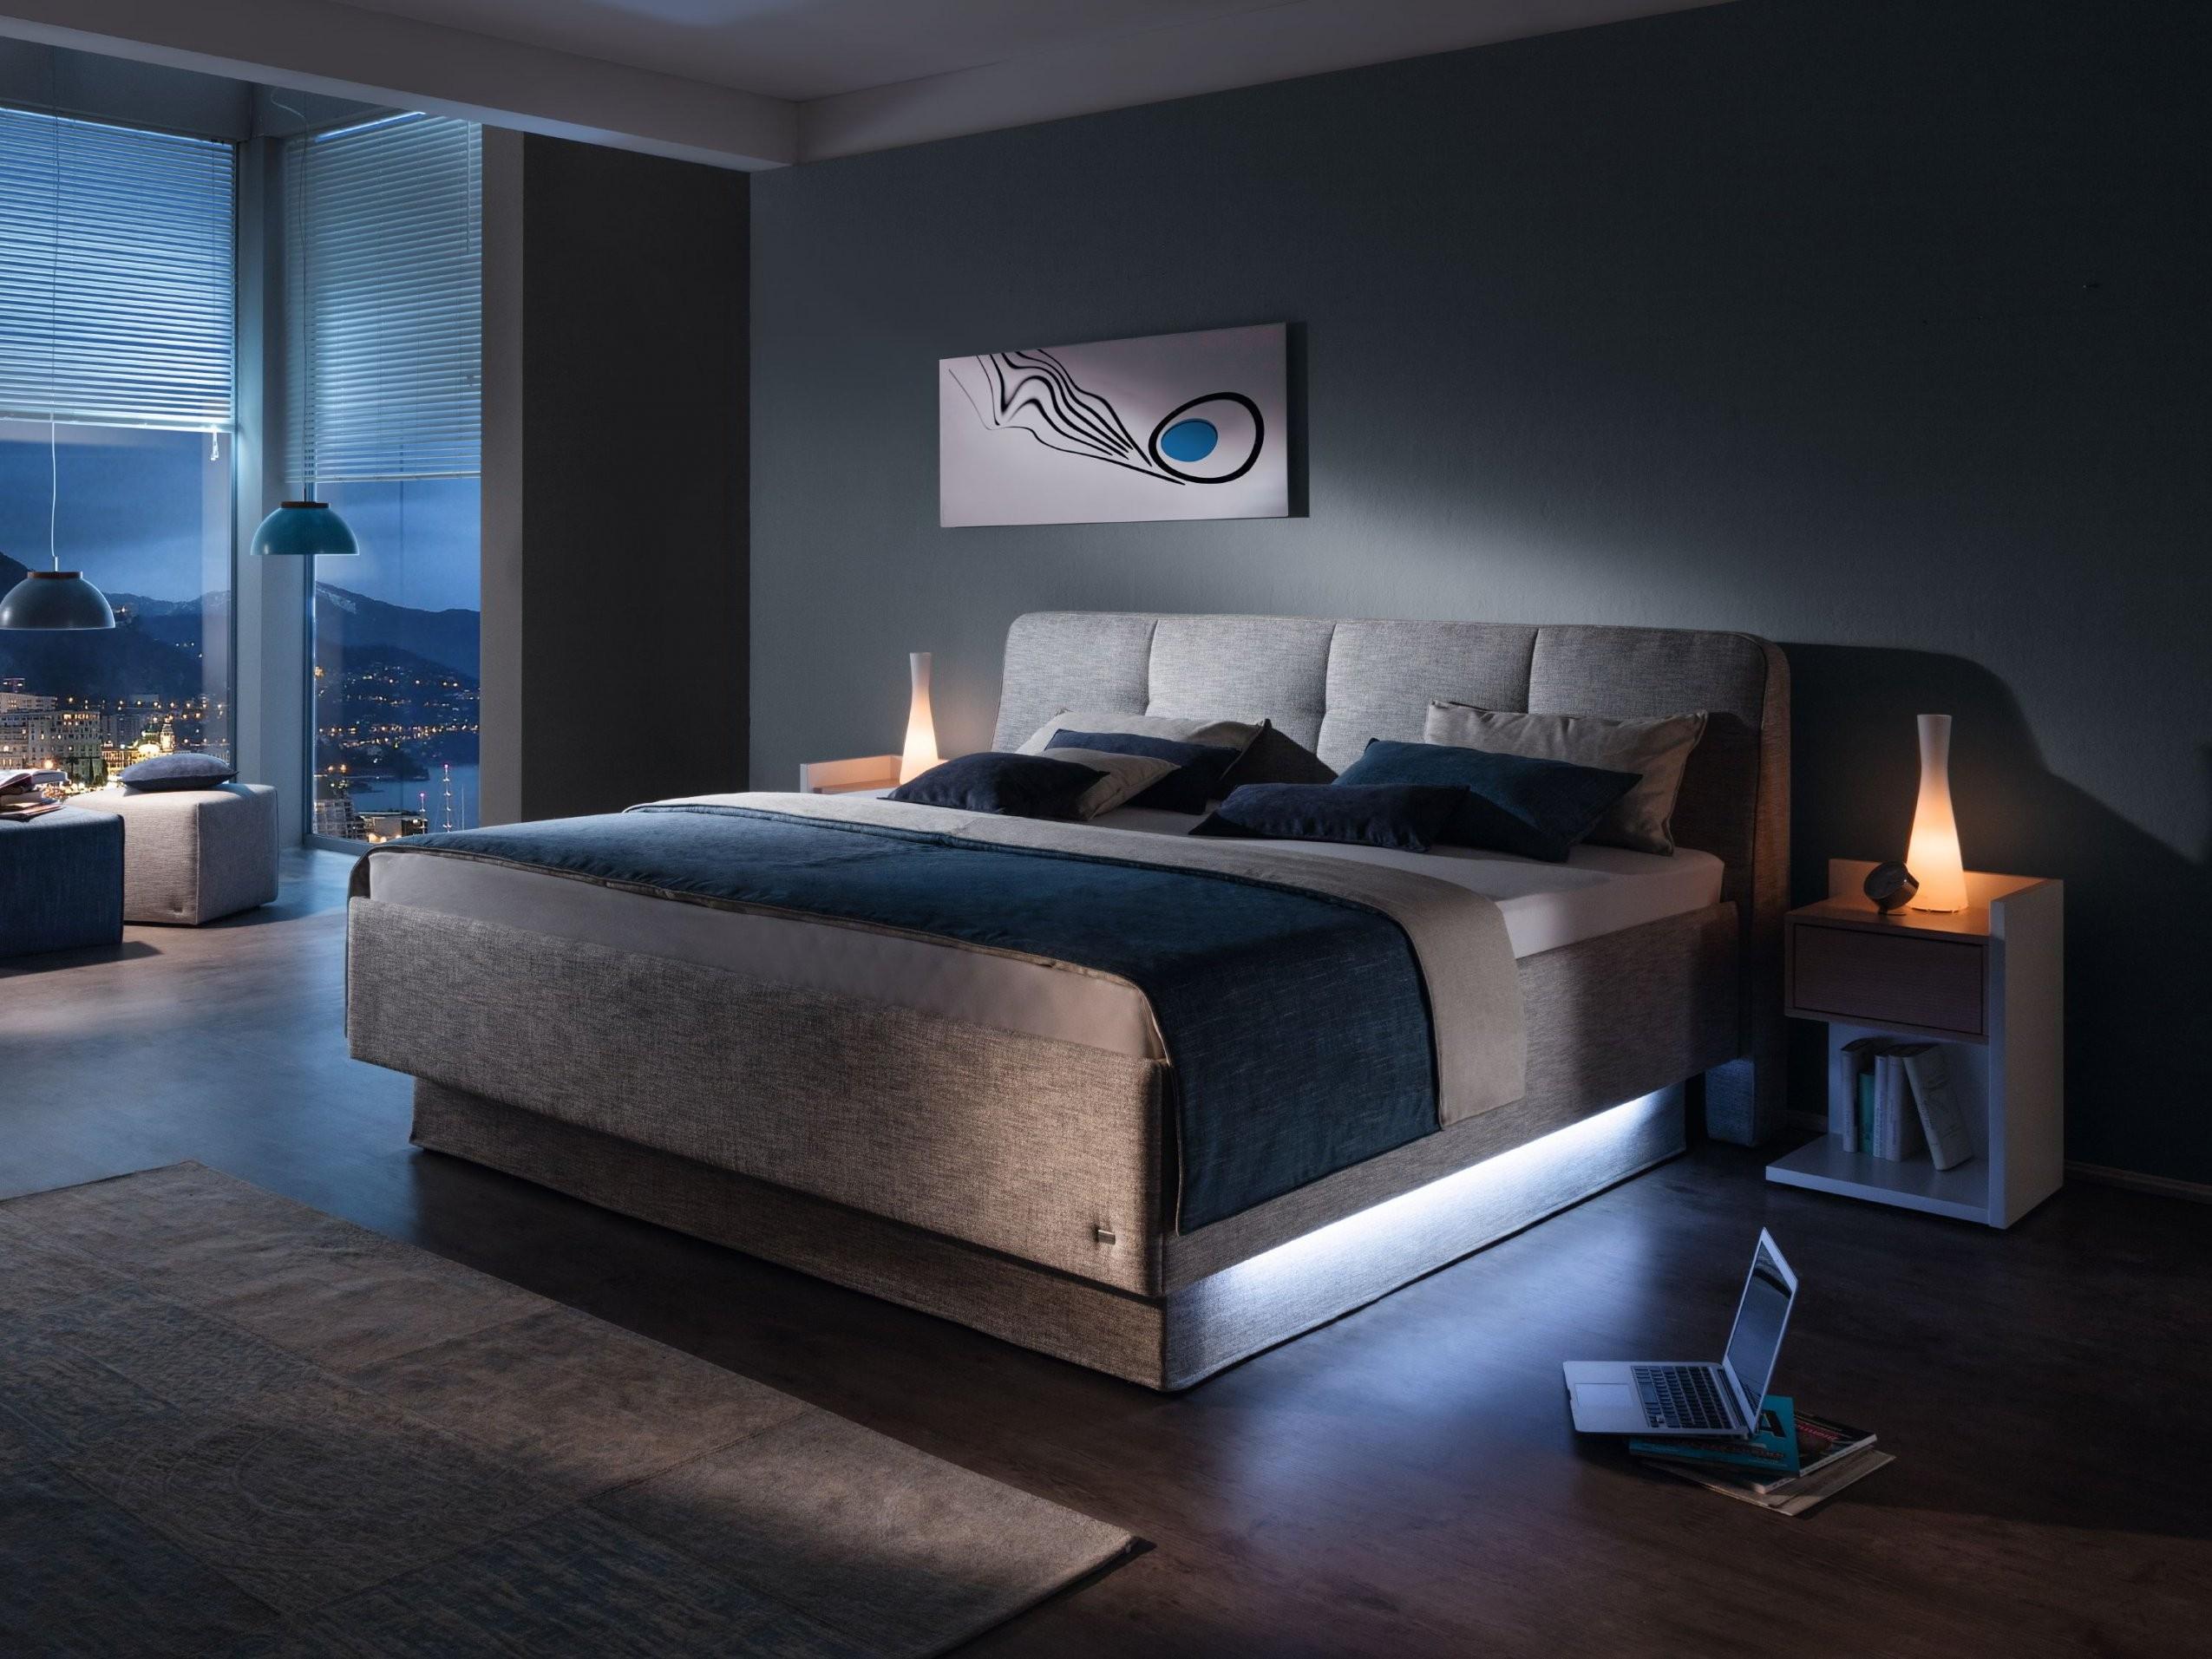 Polsterbett Composium In Grau Stoff Von Ruf Betten Und Schlafzimmer von Ruf Polsterbetten Mit Bettkasten Bild